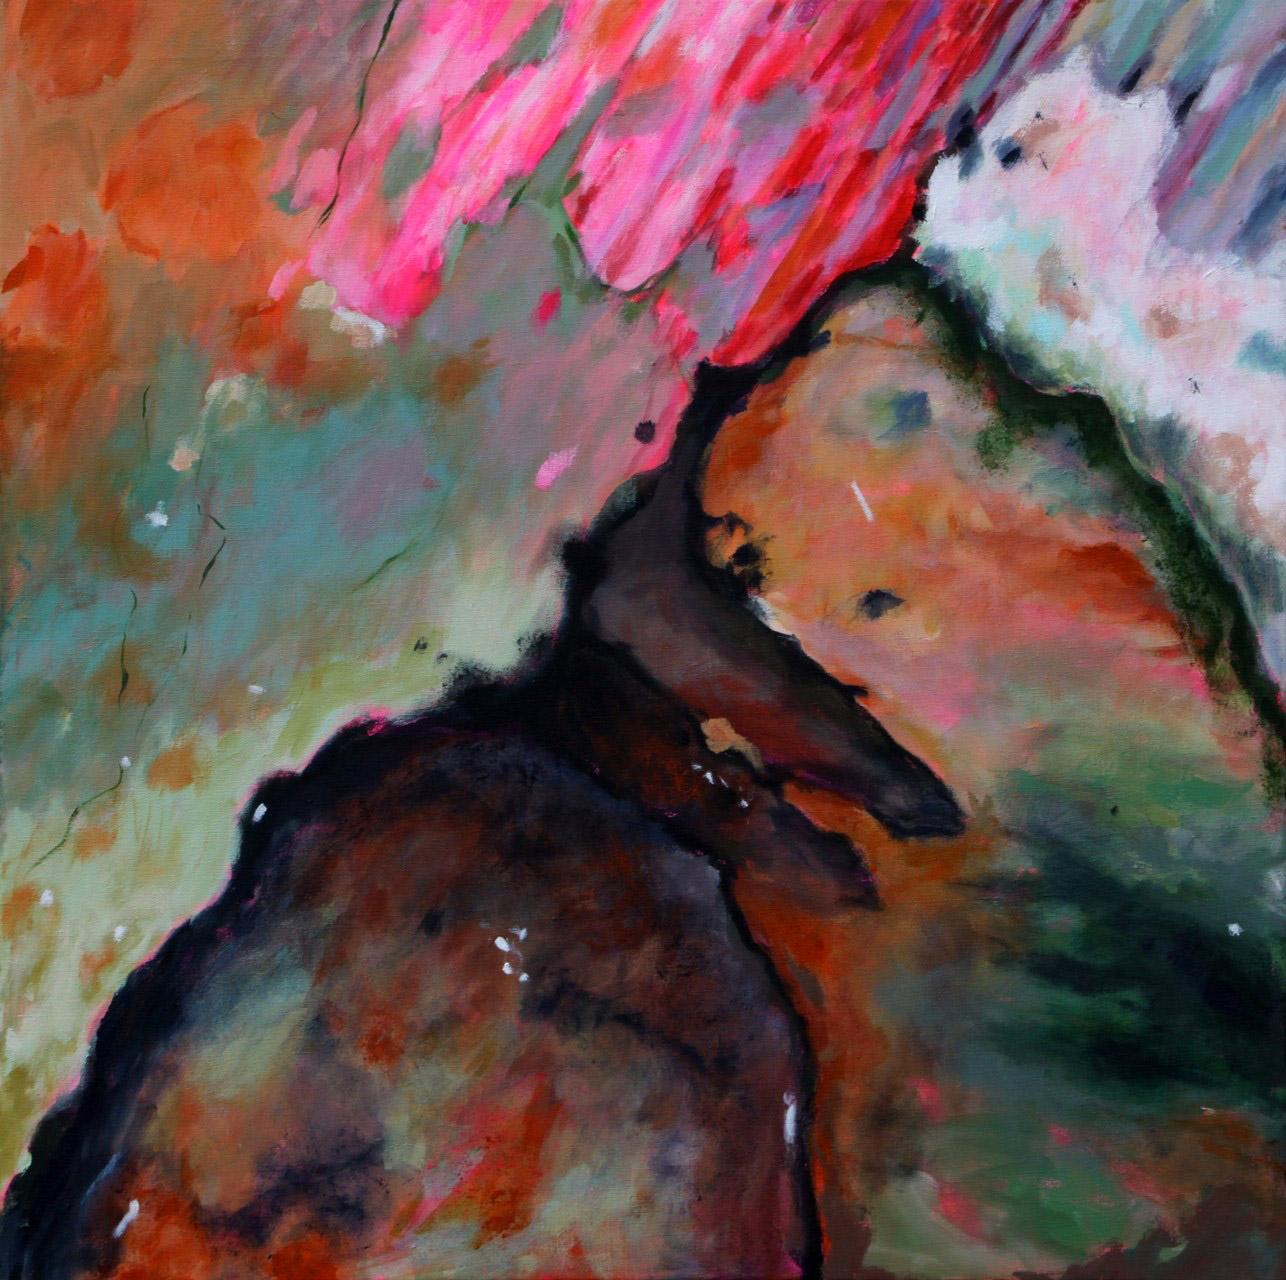 Fokkema_van_den_Berg_Gerdien_De vloer van het atelier_acryl op linnen_100X100cm